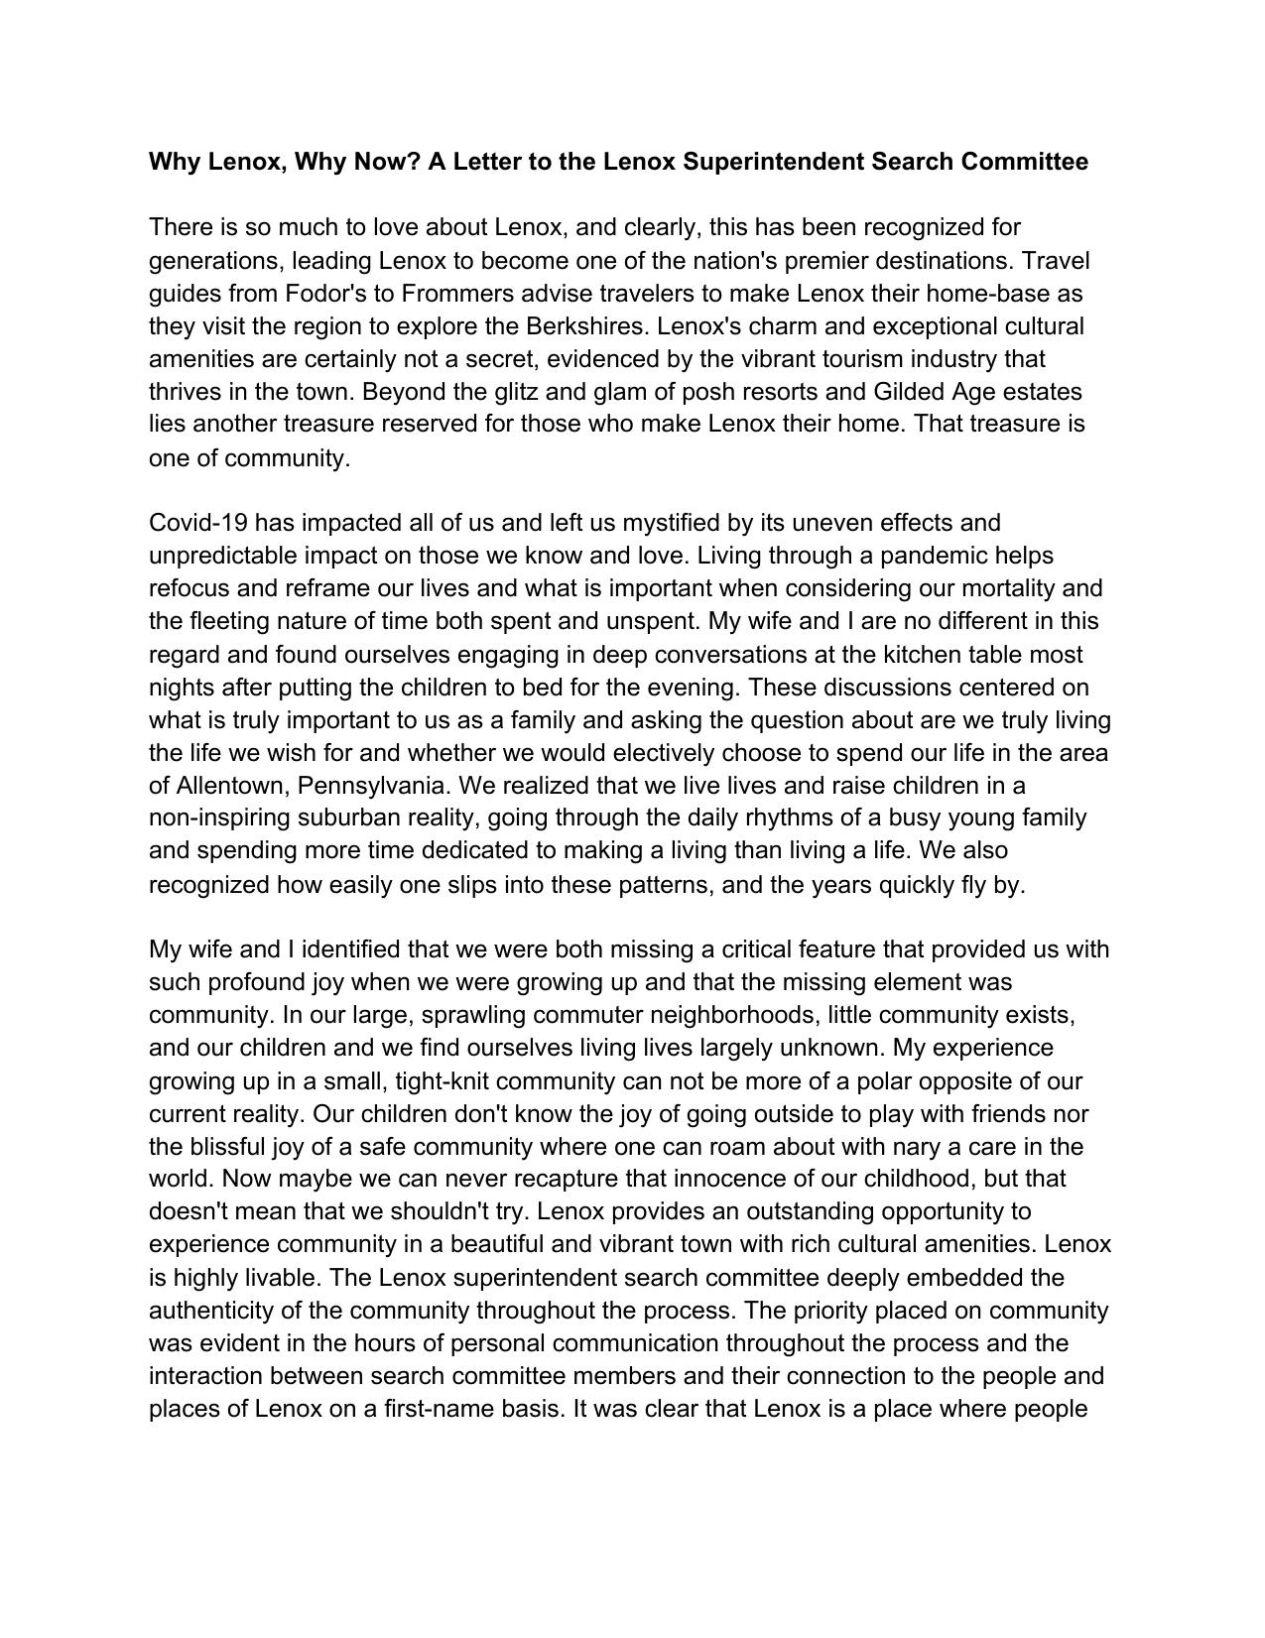 Gosselin letter